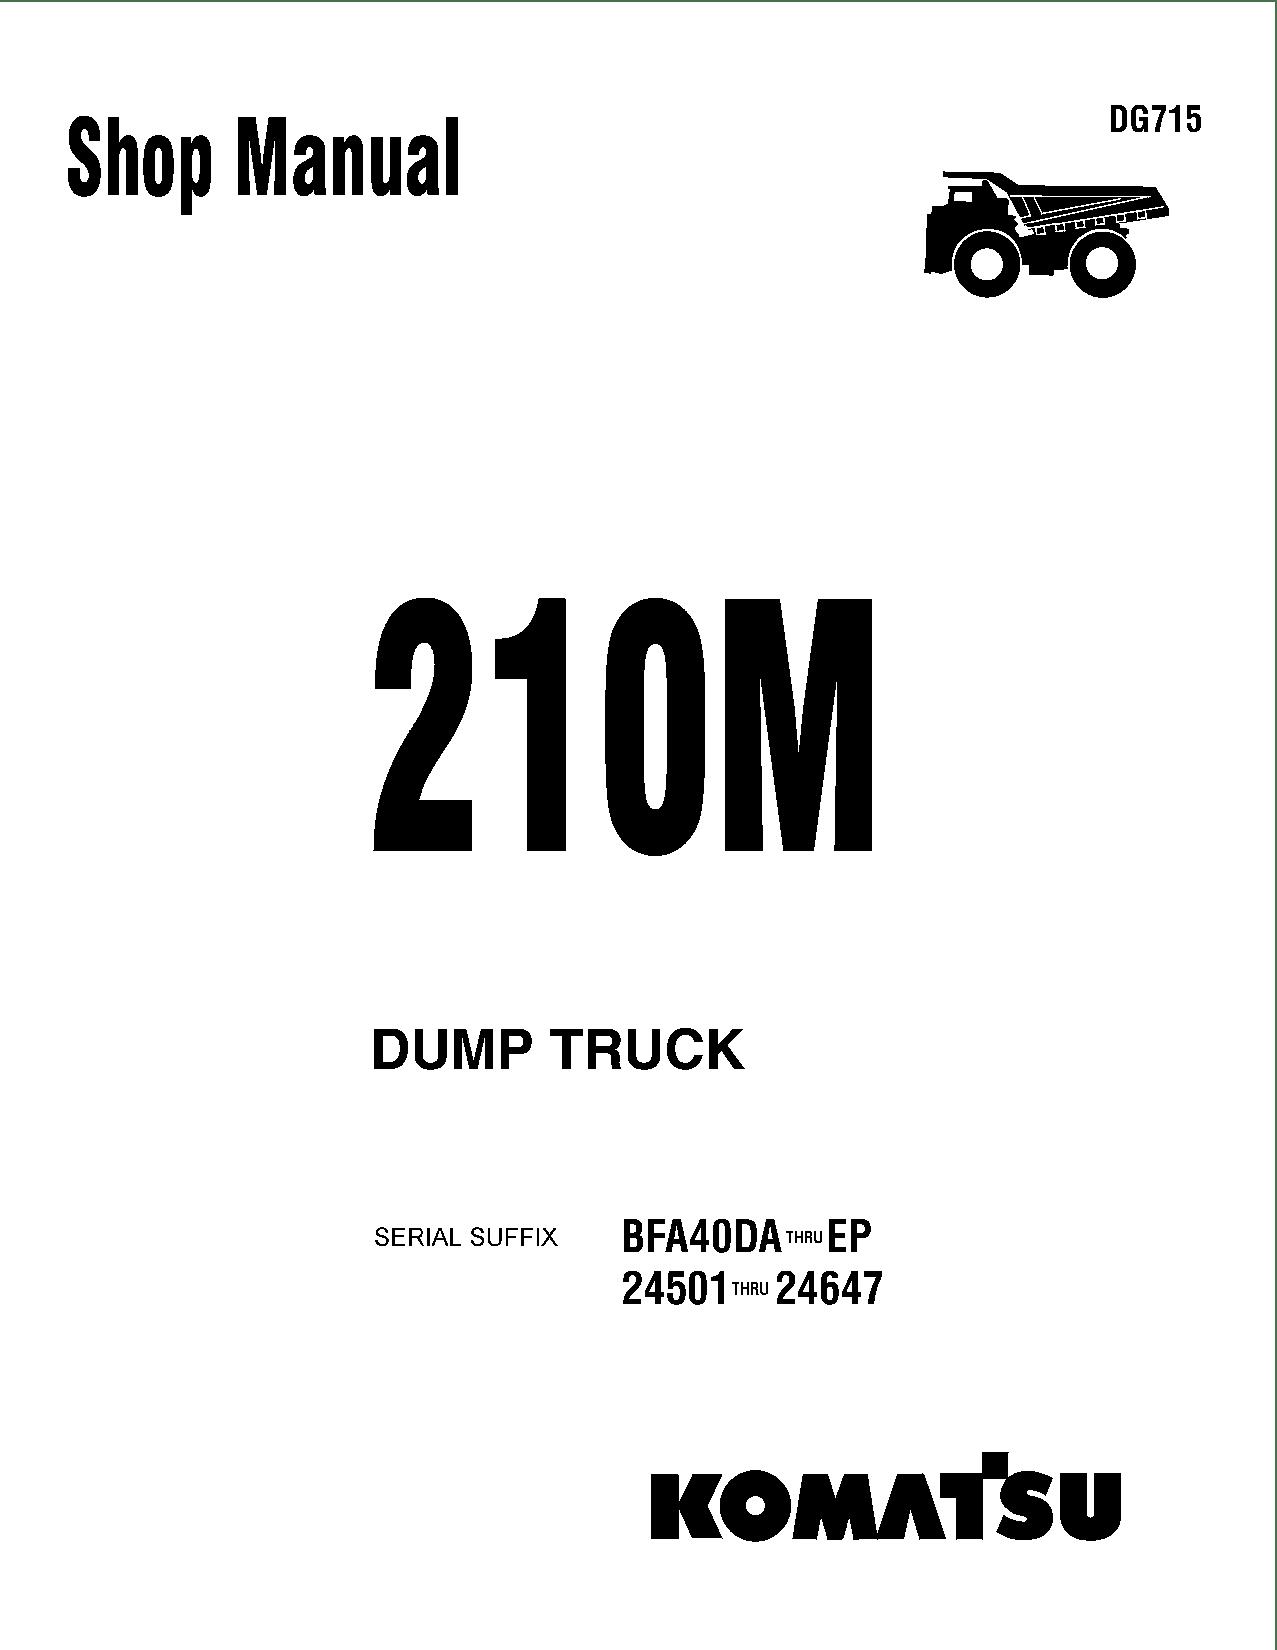 Komatsu 210M Operation and Maintenance Manual